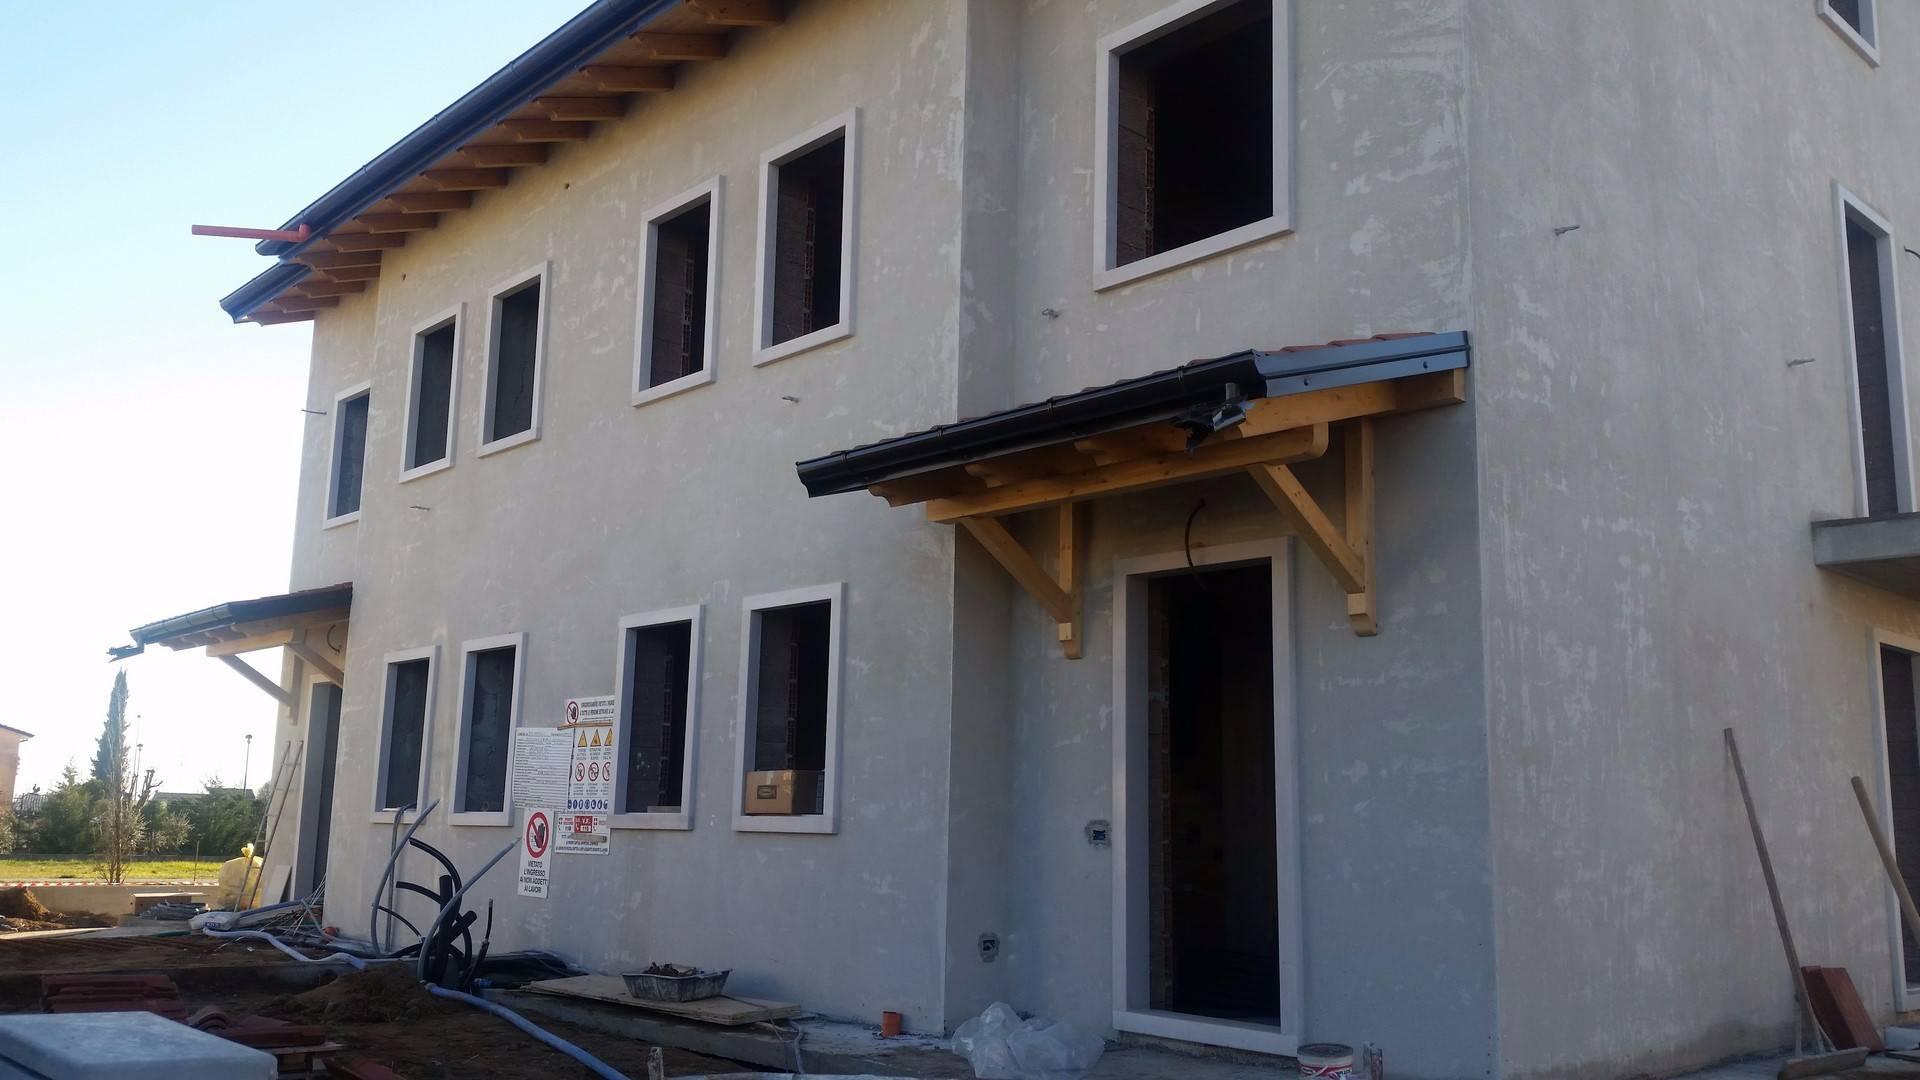 Villa Bifamiliare in vendita a San Bonifacio, 7 locali, zona Zona: Prova, prezzo € 380.000 | CambioCasa.it